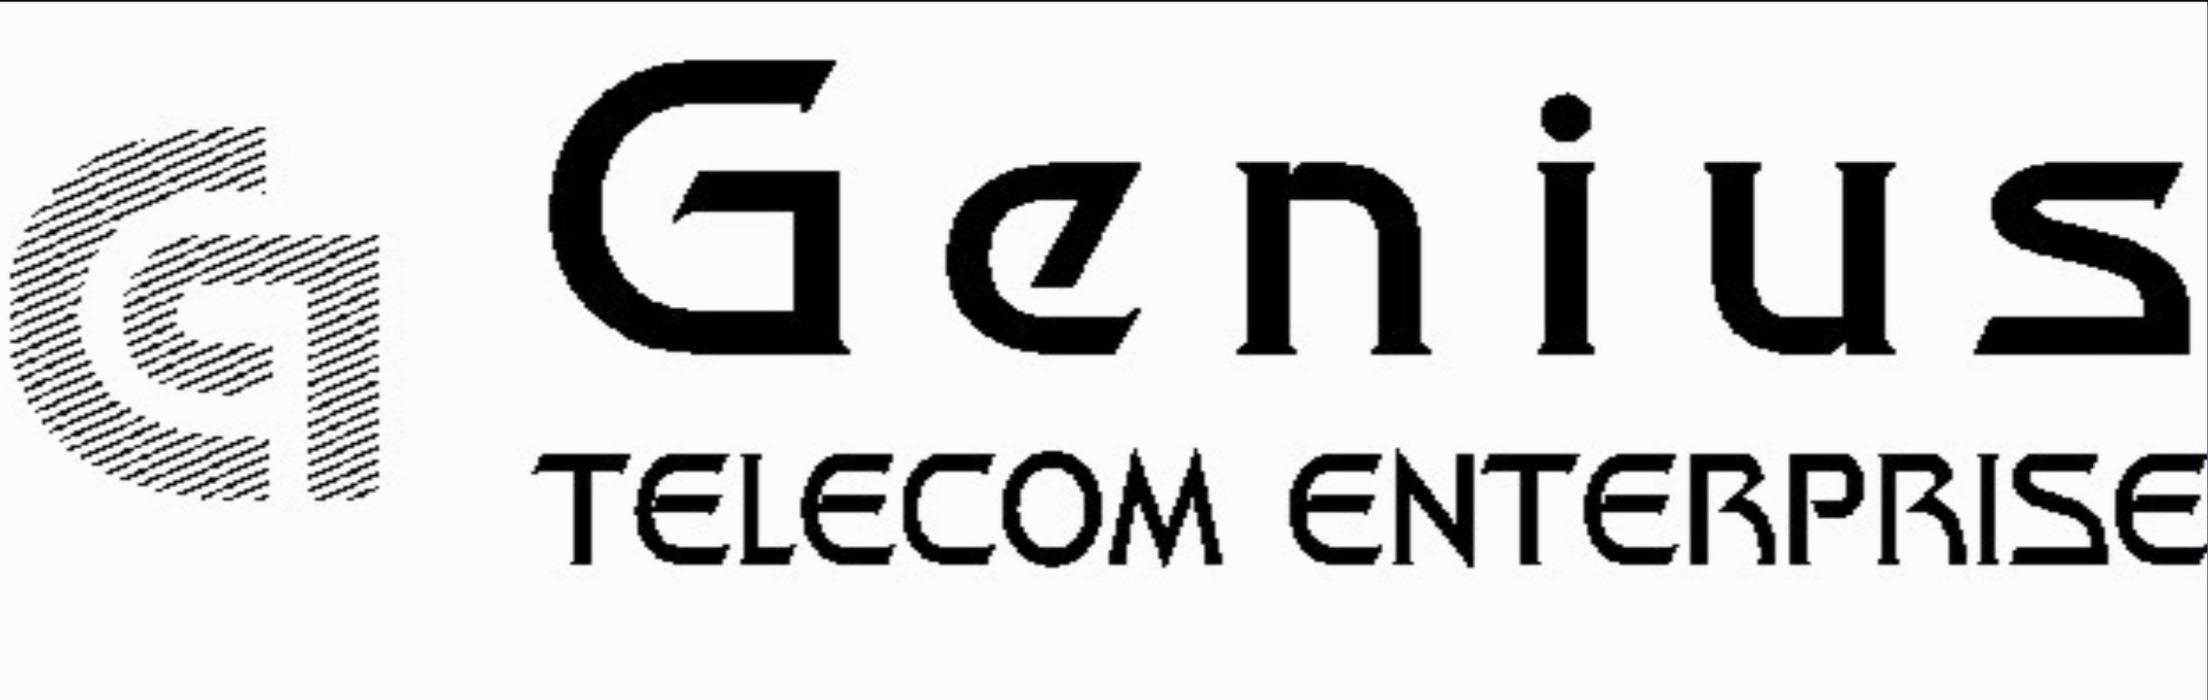 Genius Telecom Enterprise